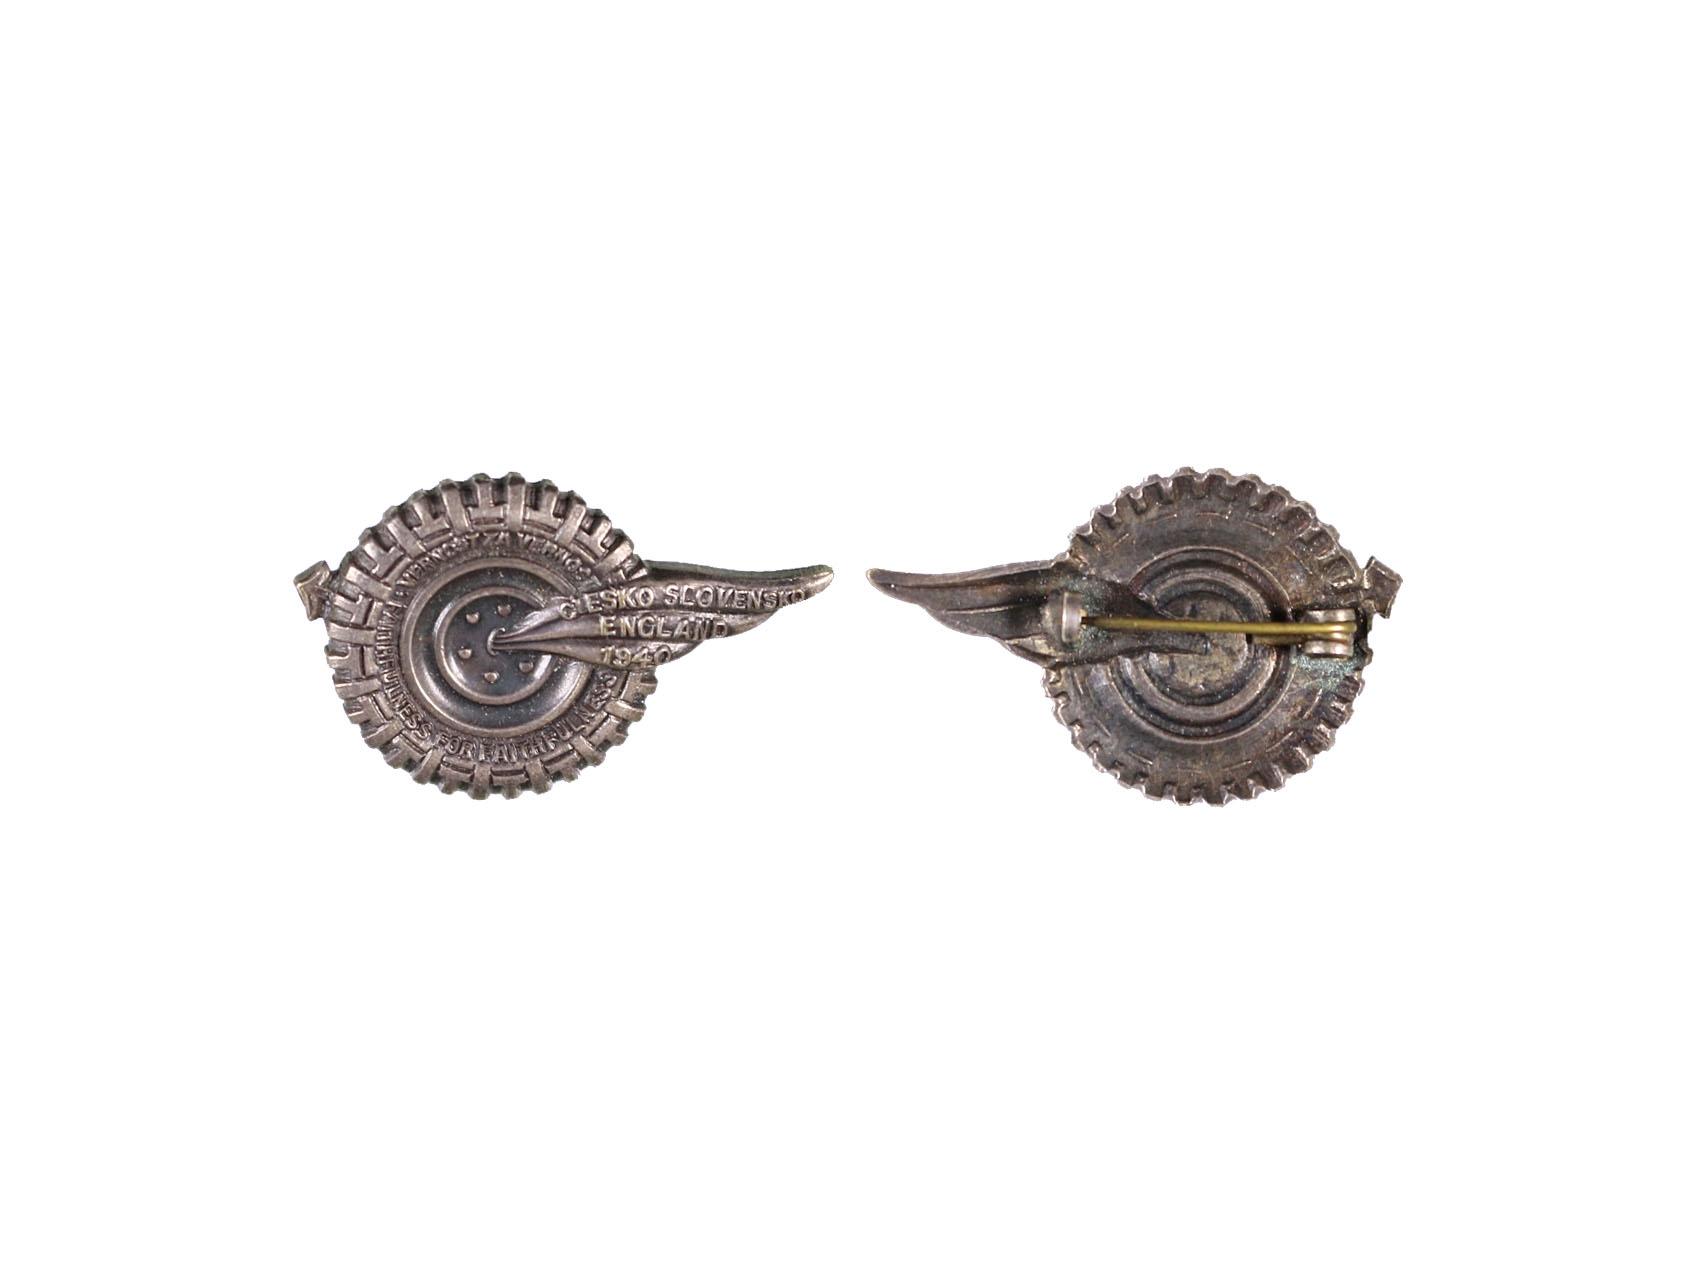 Pamětní odznak VĚRNOST ZA VĚRNOST, nesmaltovaný, obecný kov postříbřený, rozměry 24x37,5 mm, upínání na vodorovnou jehlu